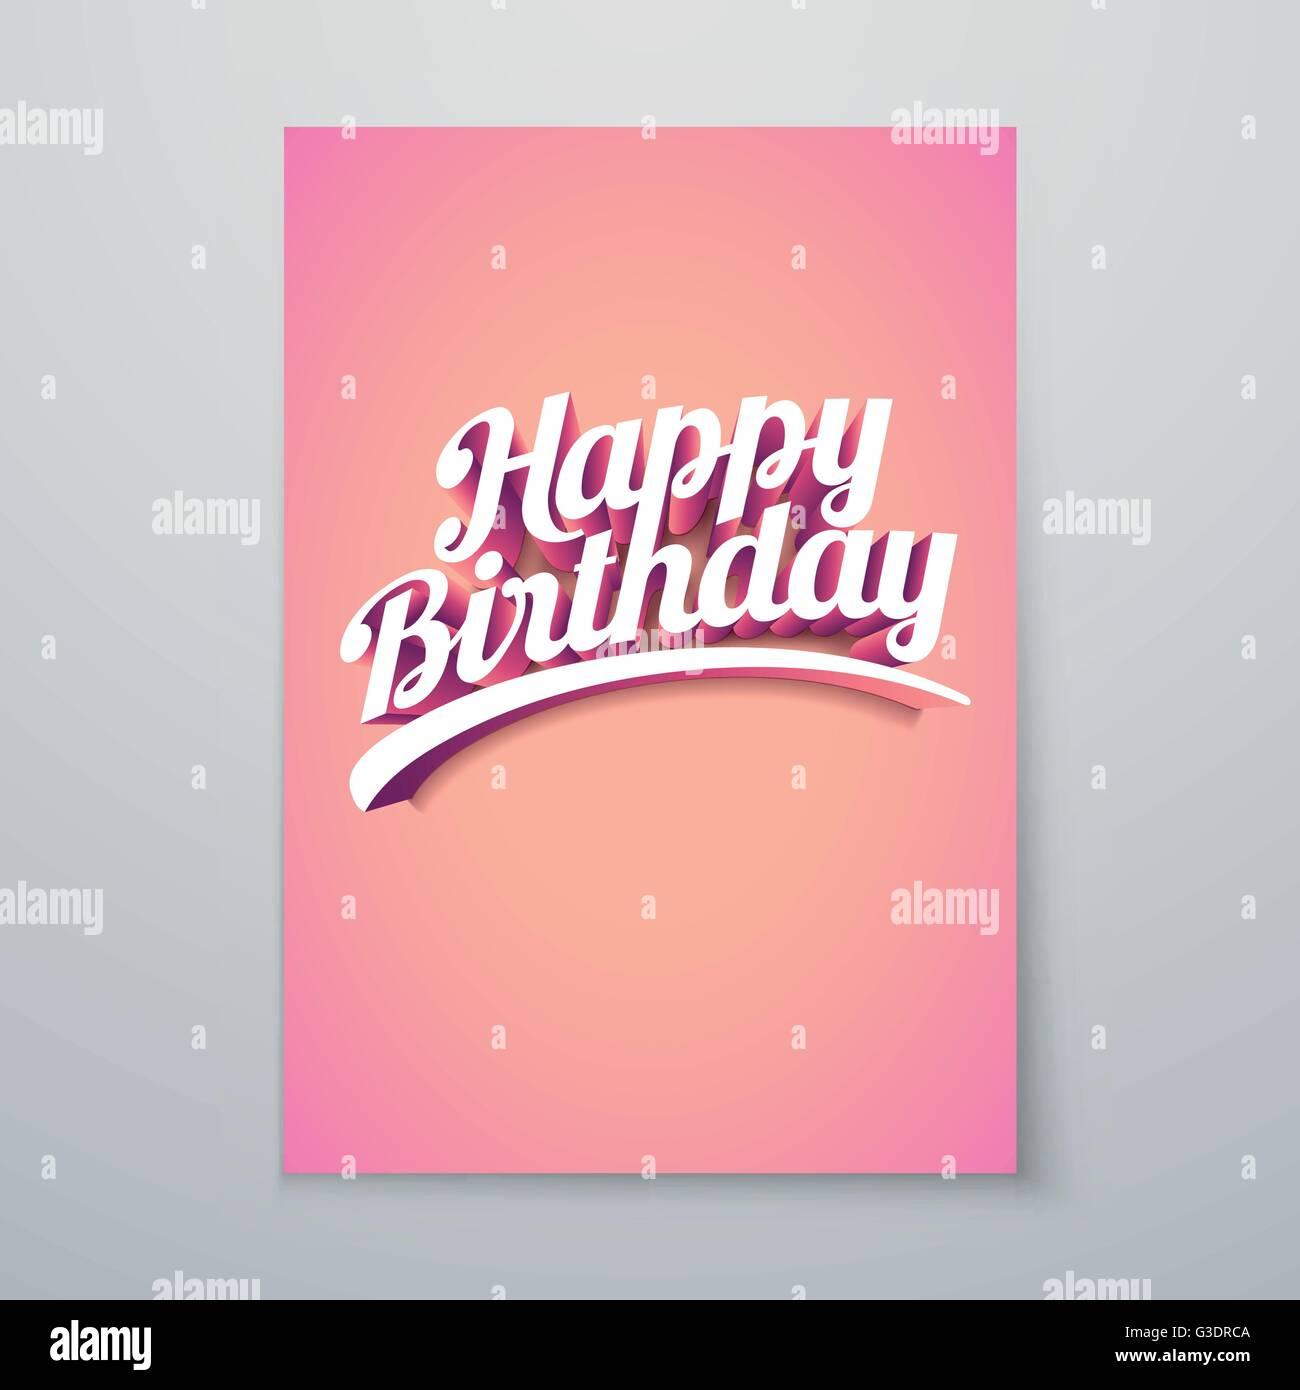 Glückliche Geburtstag Vektor benutzerdefinierte 3d Hand Schriftzug typografische Poster-Design. Stockbild